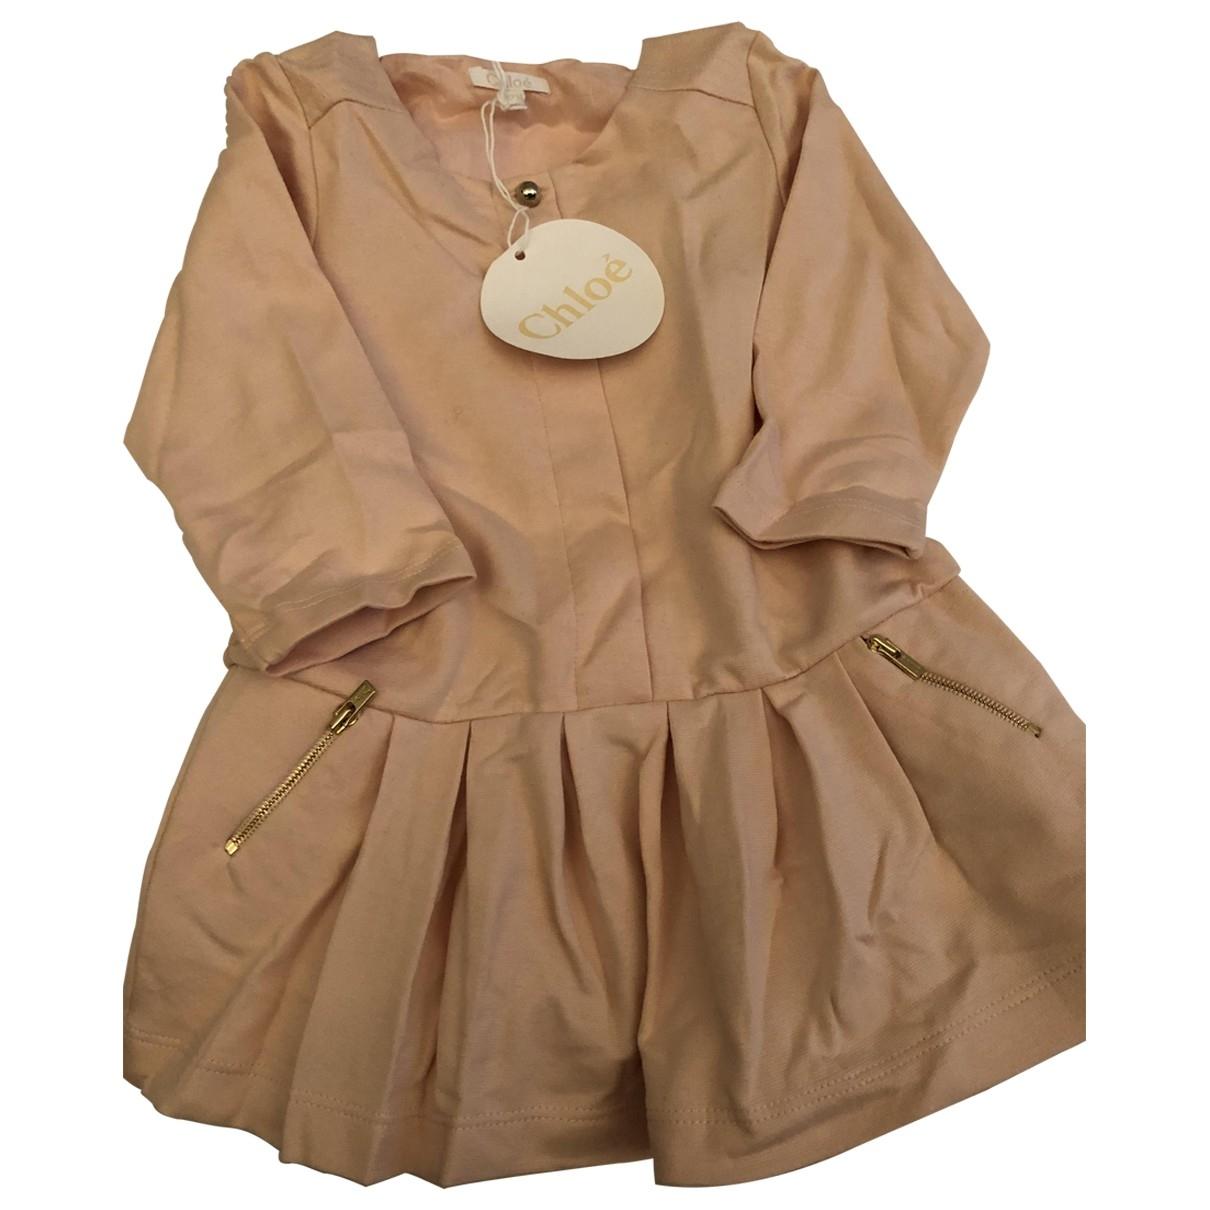 Chloe \N Kleid in  Rosa Baumwolle - Elasthan